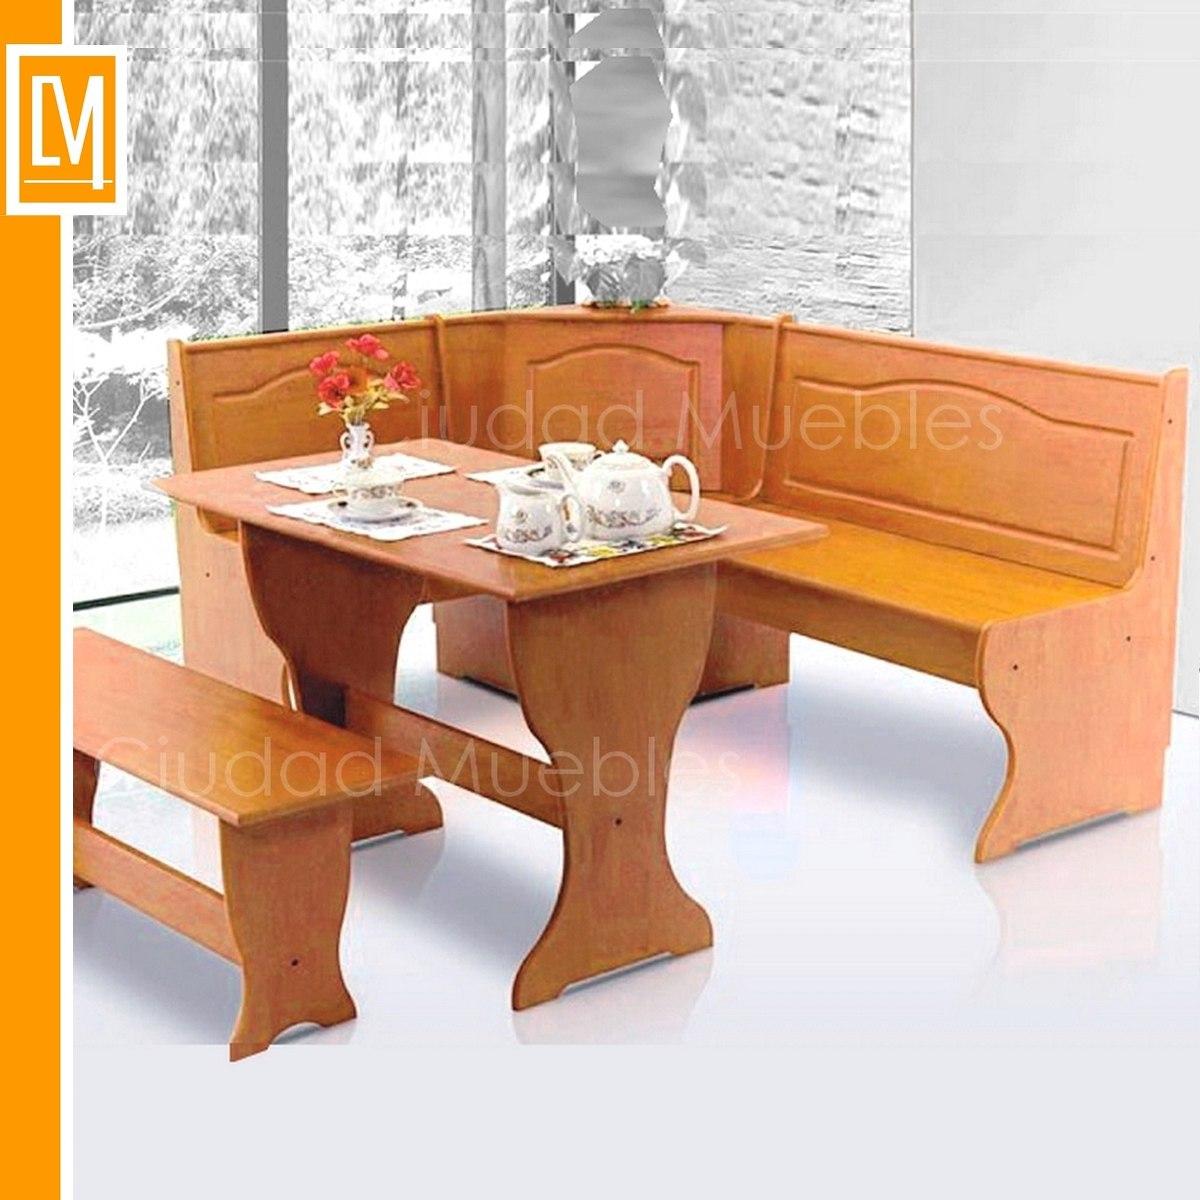 Bancos esquineros para cocina bancada de cocina en compac for Banco esquinero con mesa